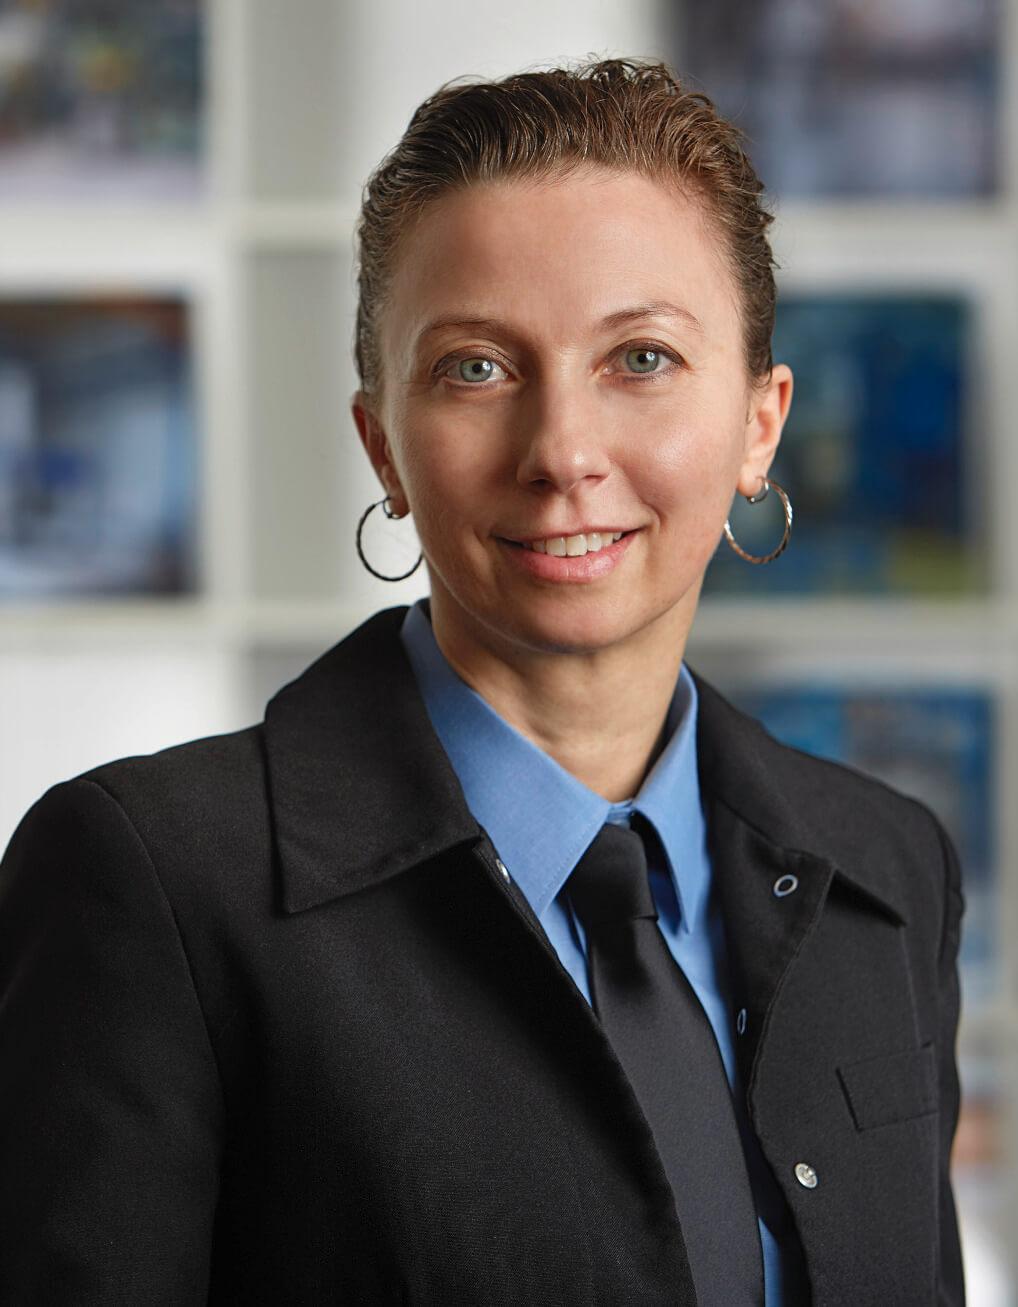 Rechtsanwalt Insolvenz Fachanwalt für Insolvenzrecht Frankfurt am Main